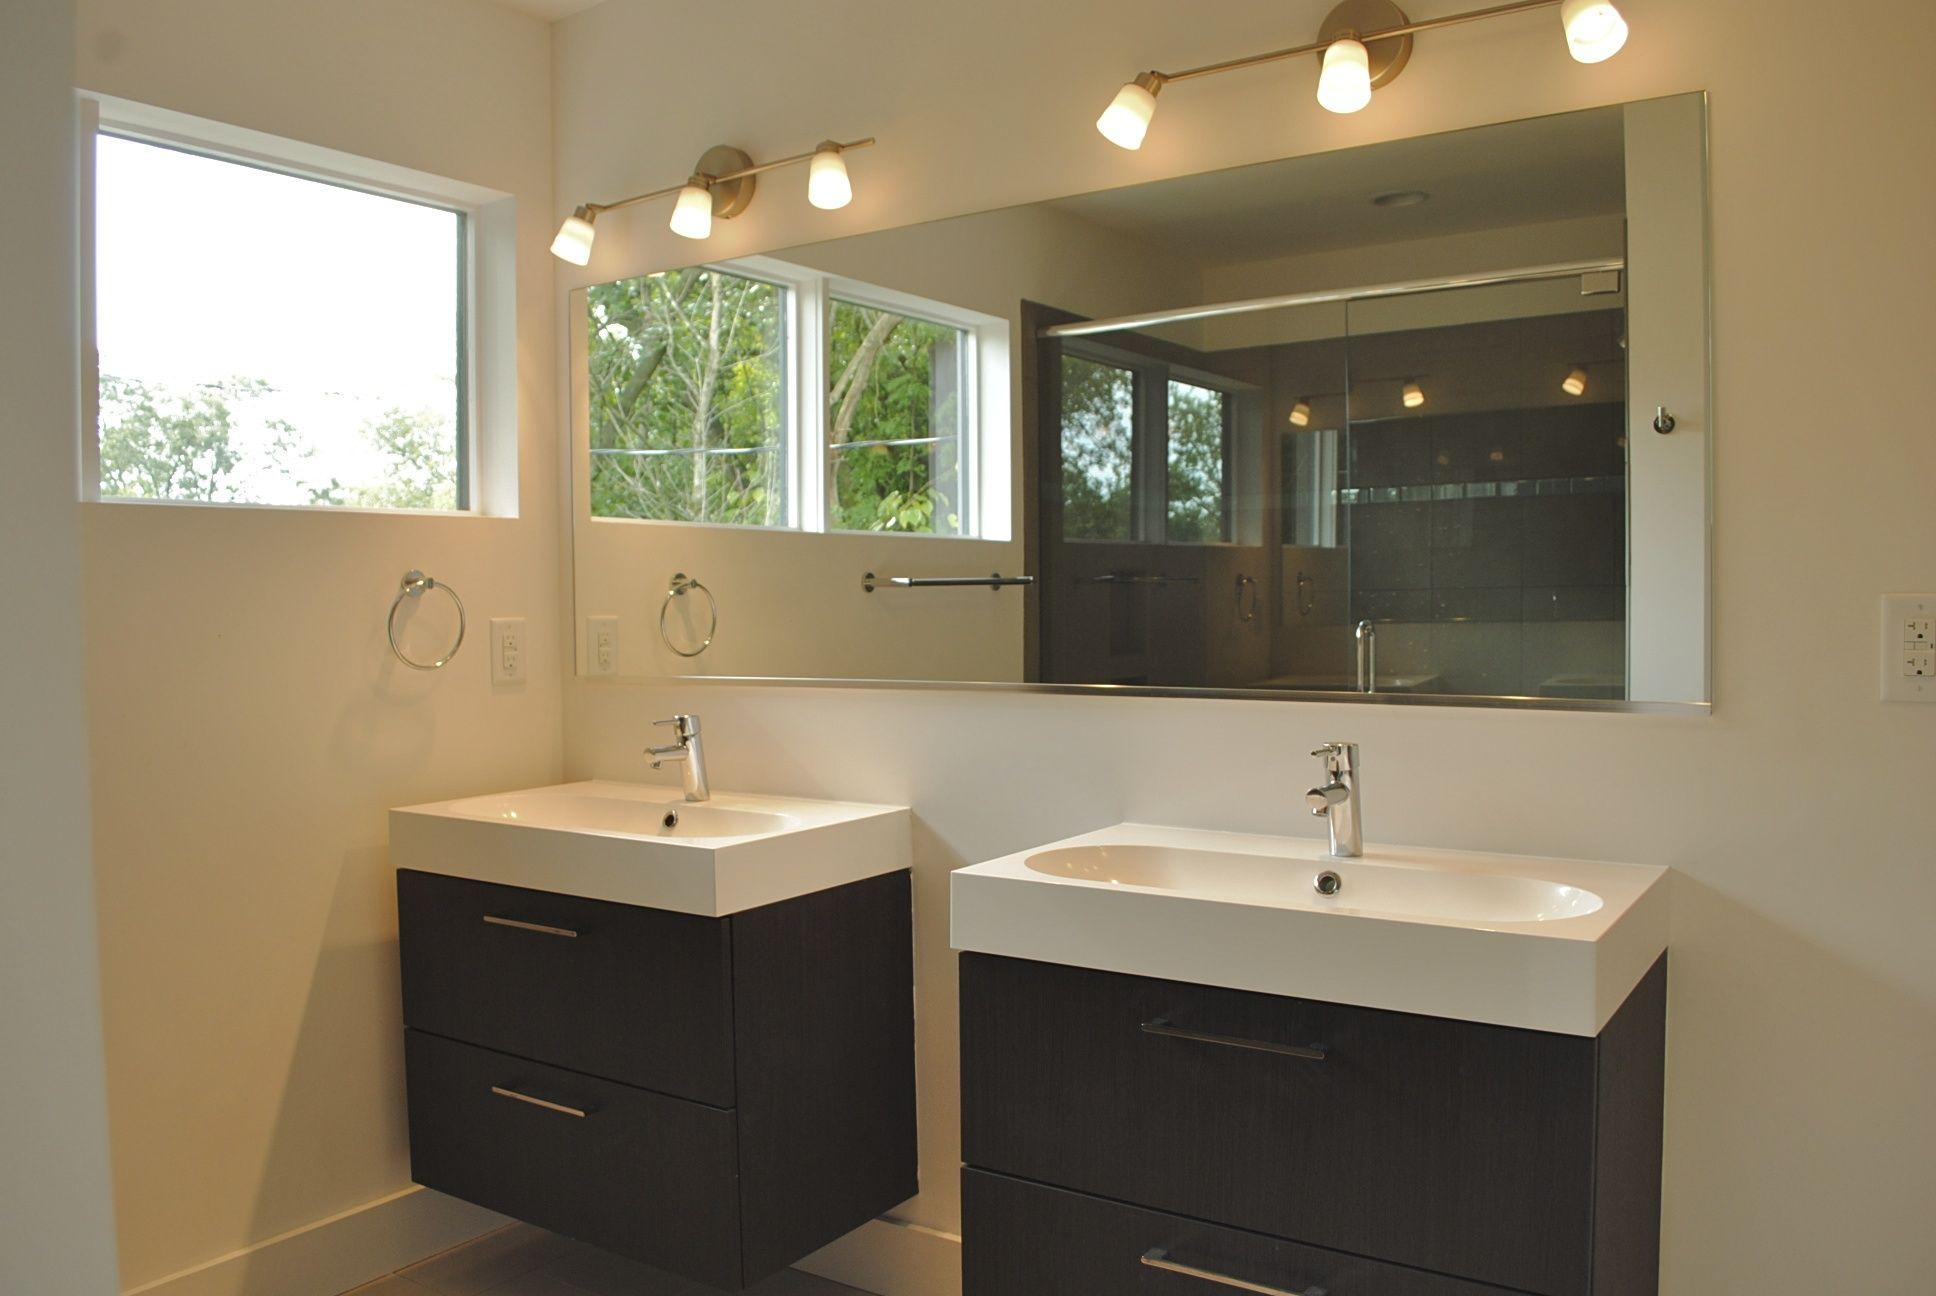 ikea bathroom vanity units for your house decor twin on ikea bathroom vanities id=25590